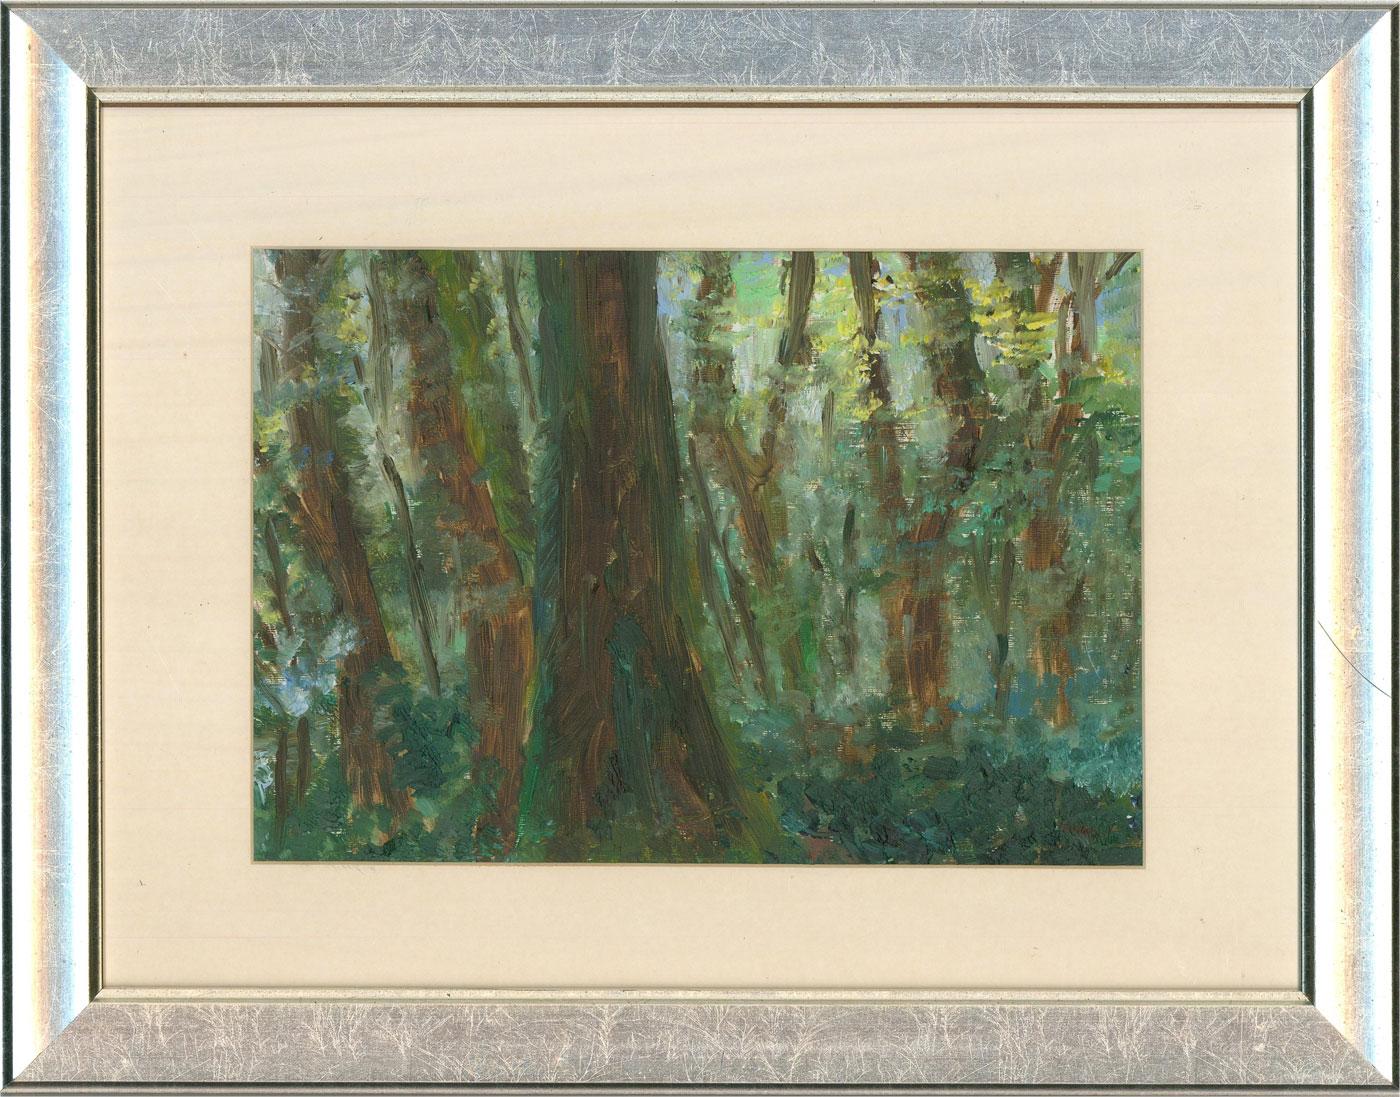 Sheila M. Gunn - 20th Century Oil, Trees